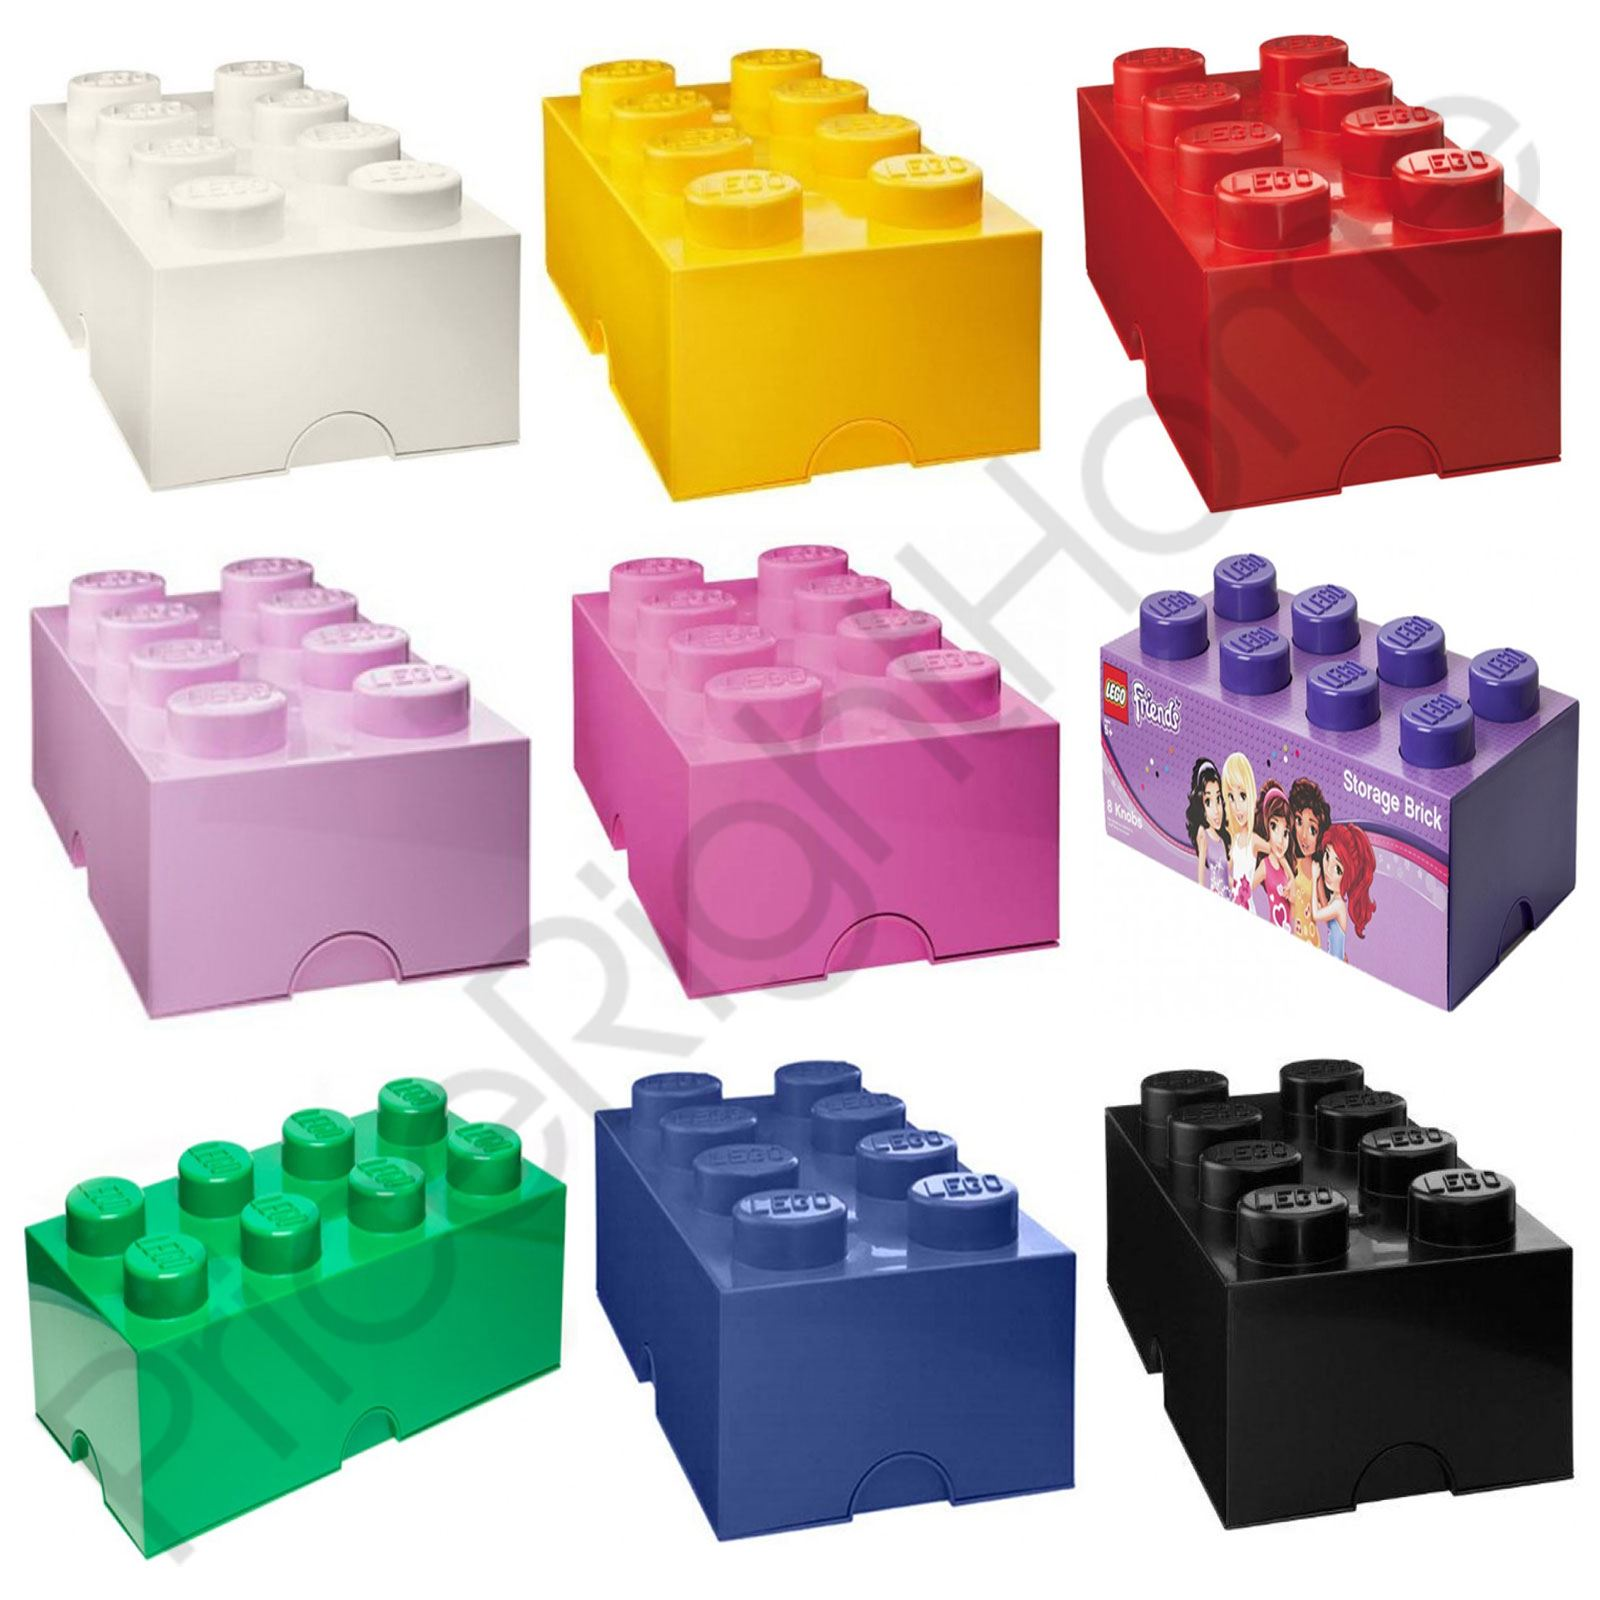 l go stockage brique boite 8 boutons enfants chambre. Black Bedroom Furniture Sets. Home Design Ideas